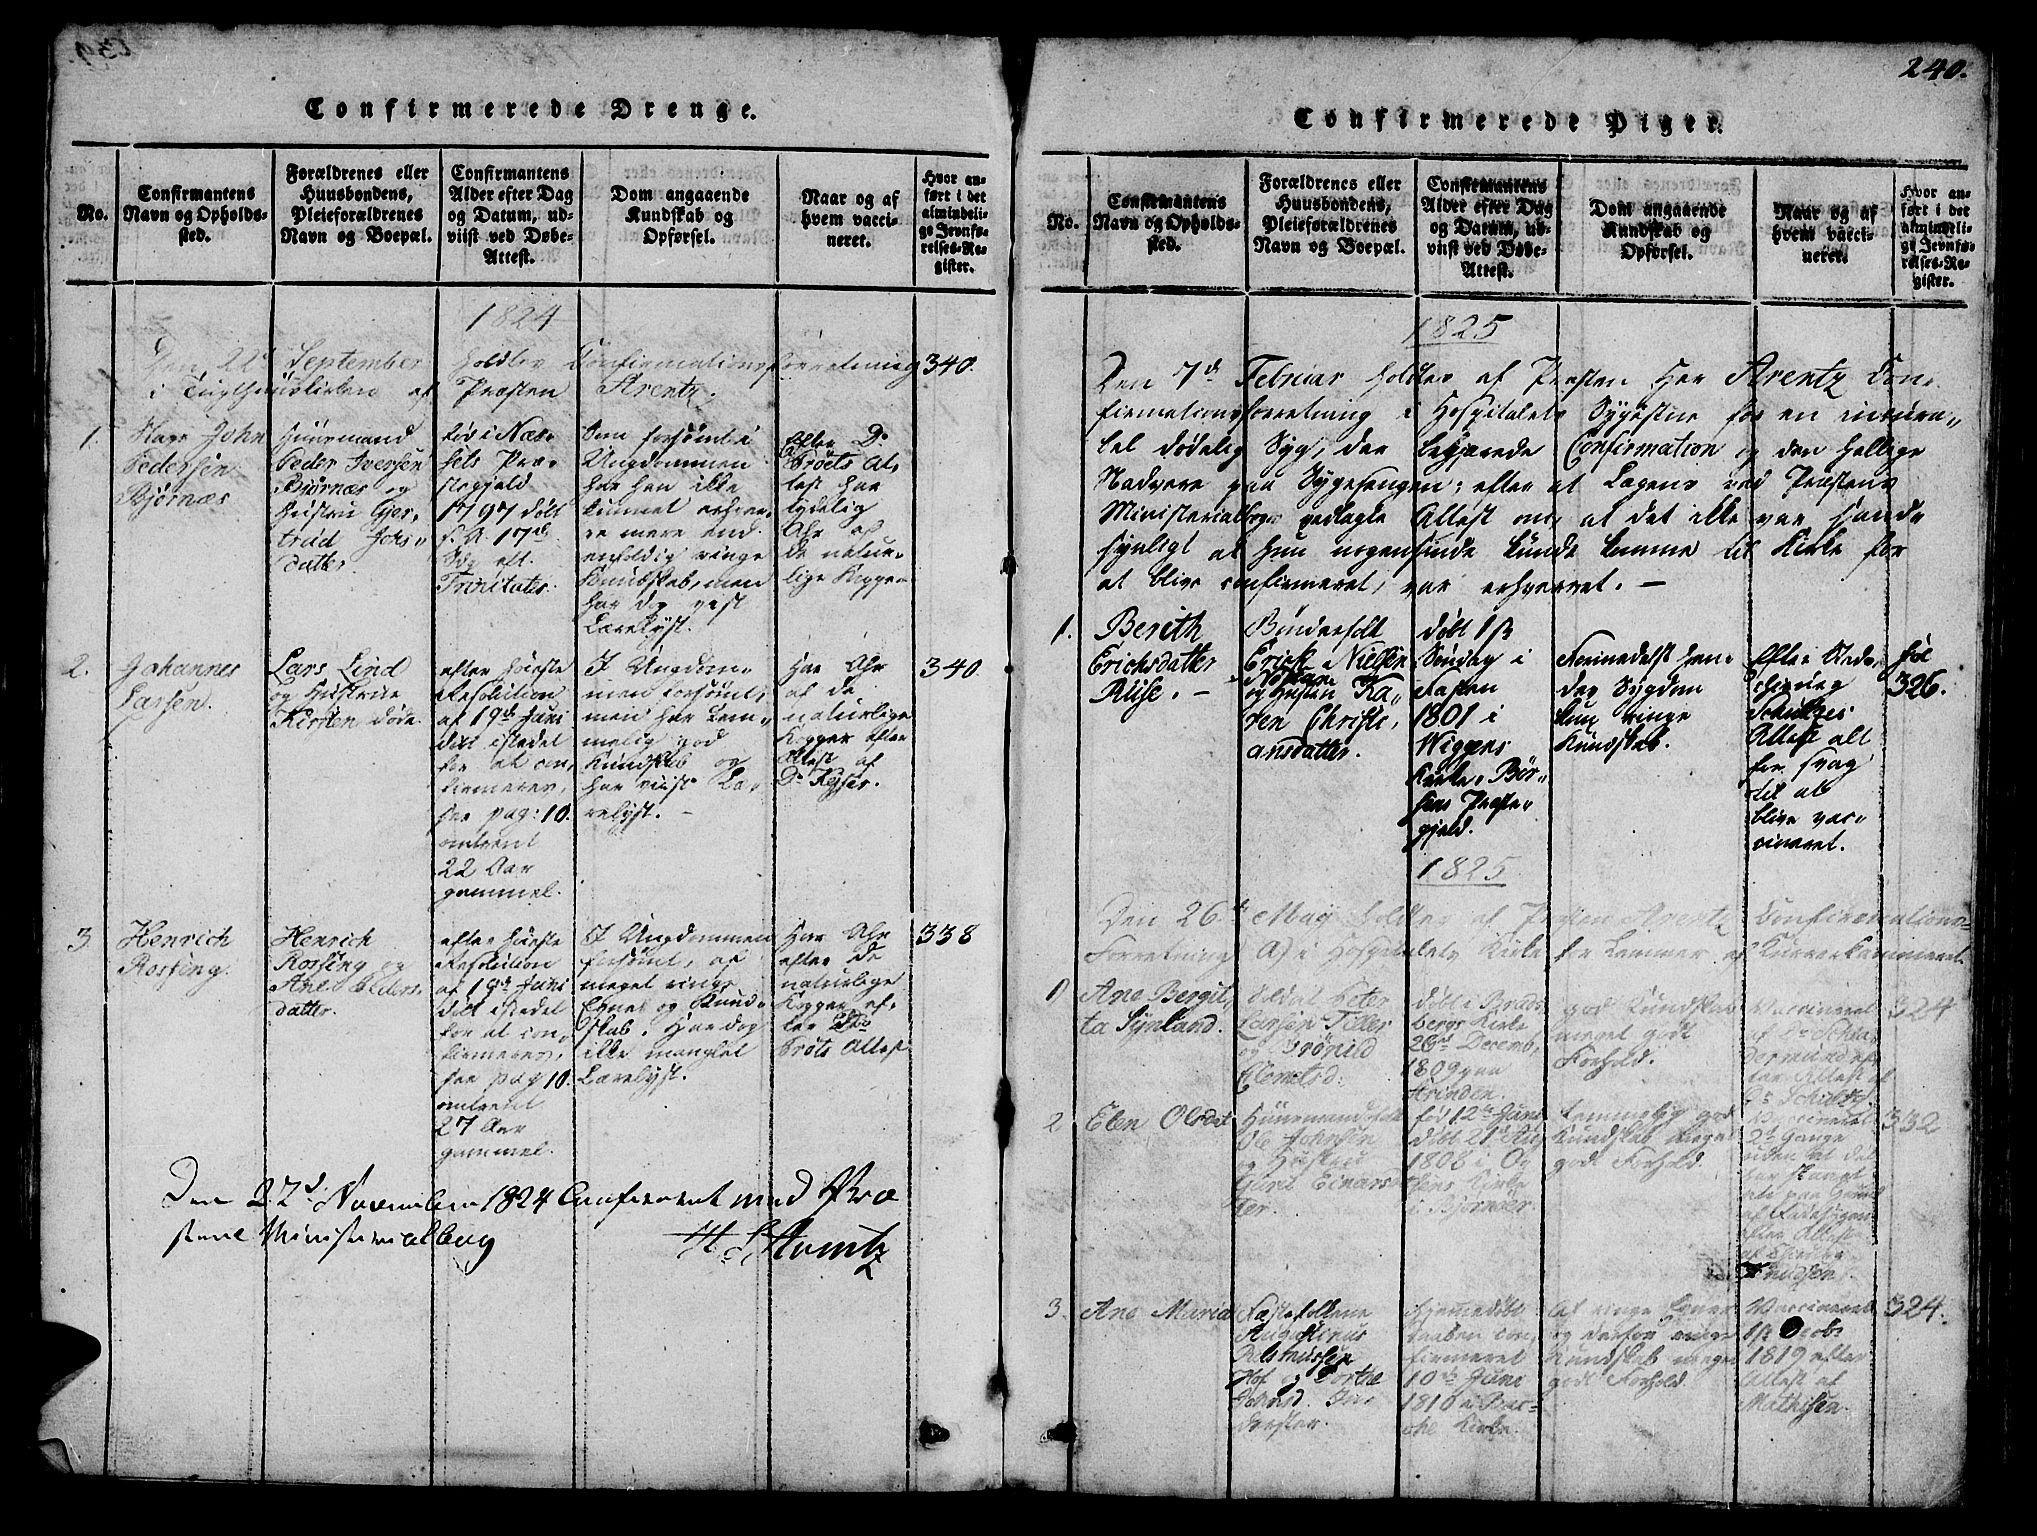 SAT, Ministerialprotokoller, klokkerbøker og fødselsregistre - Sør-Trøndelag, 623/L0478: Klokkerbok nr. 623C01, 1815-1873, s. 240